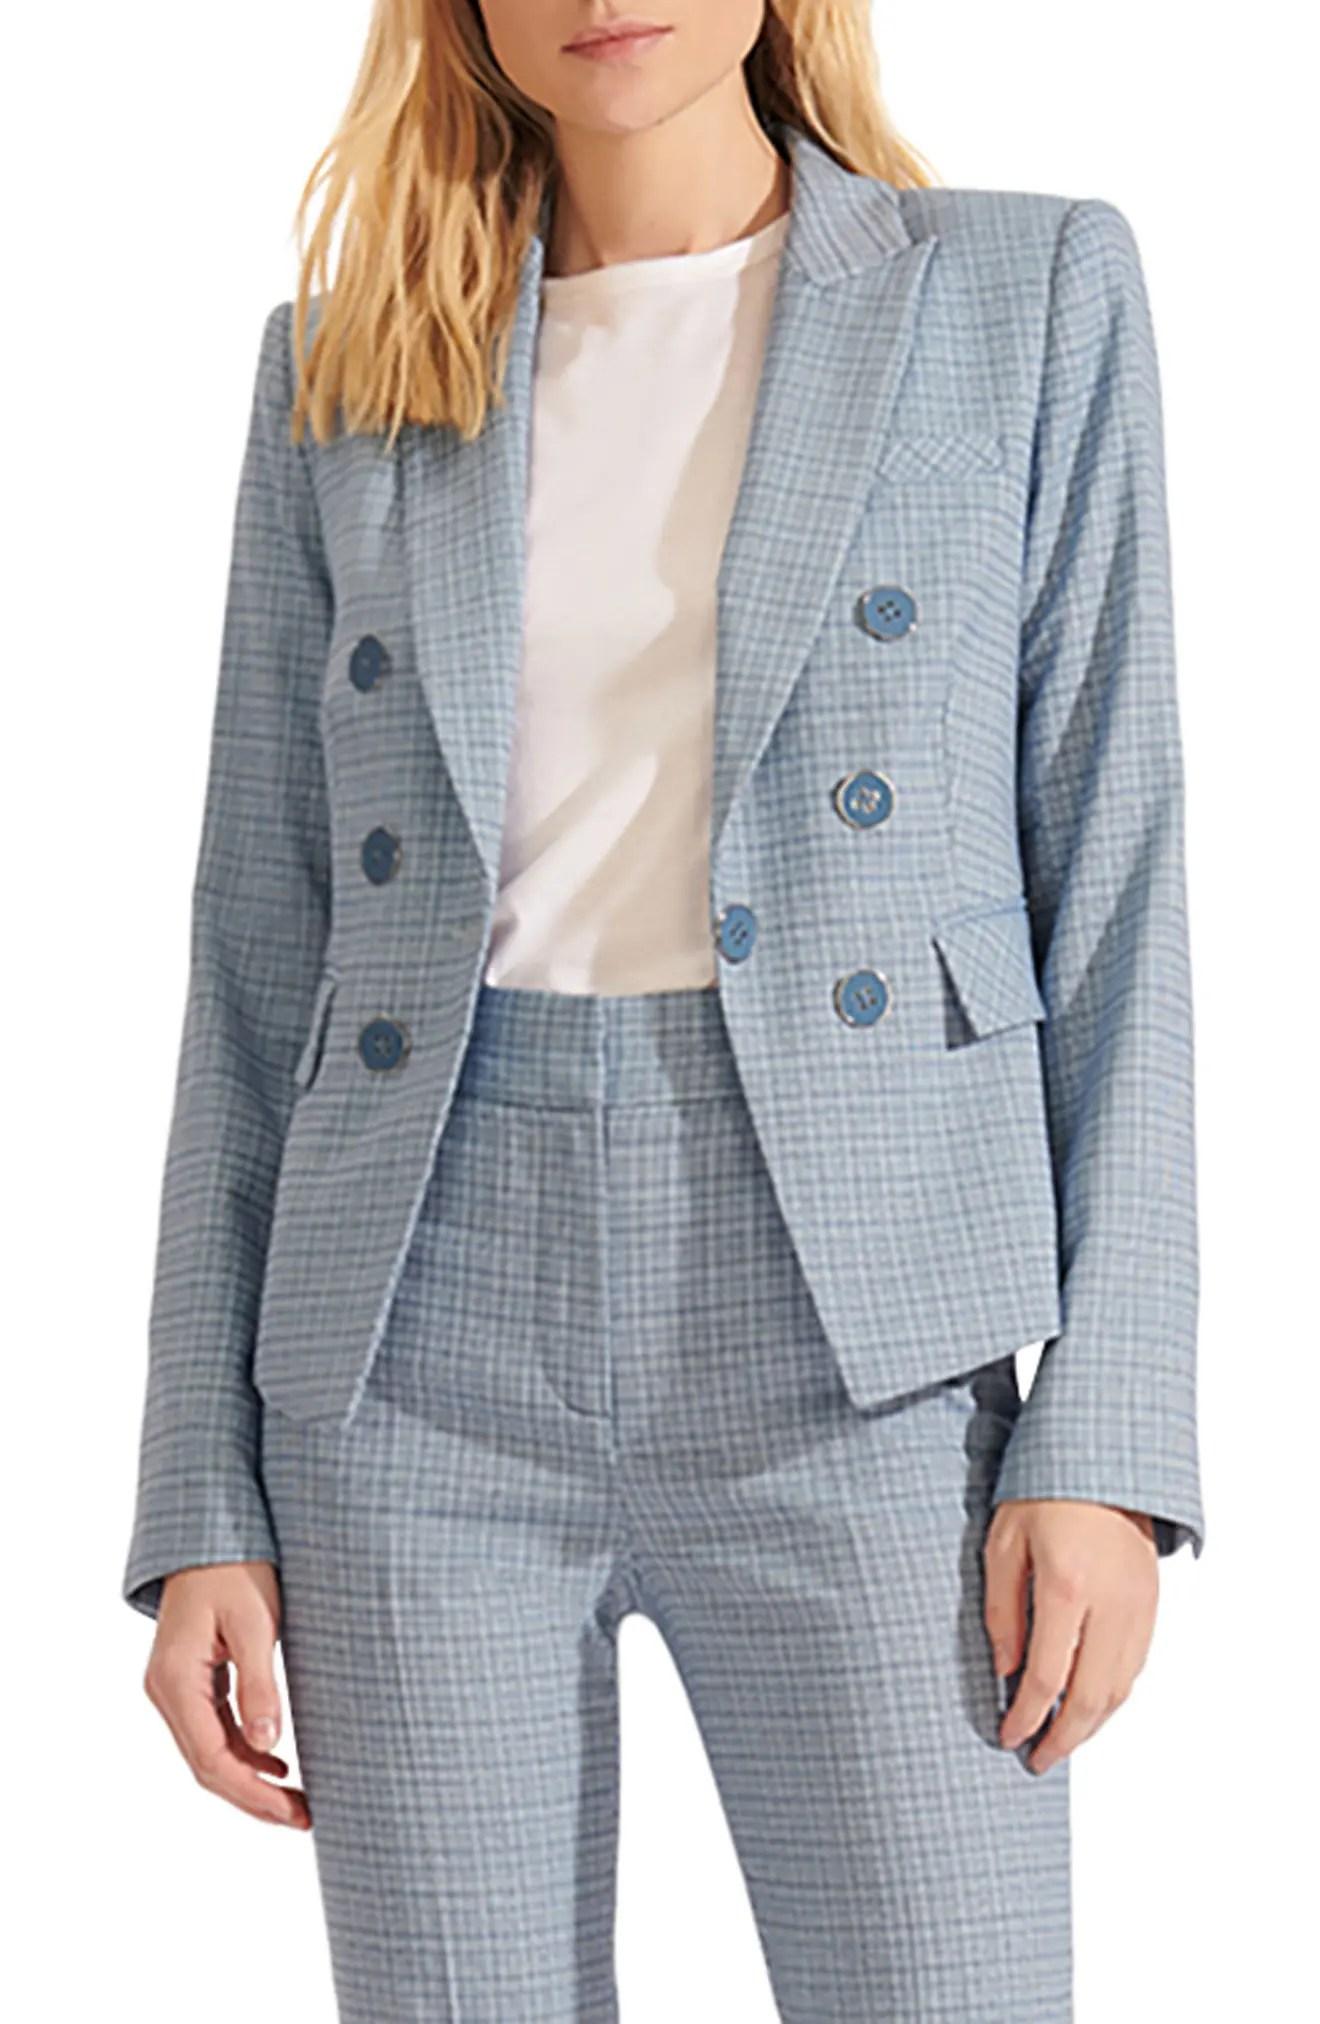 diego dickey jacket